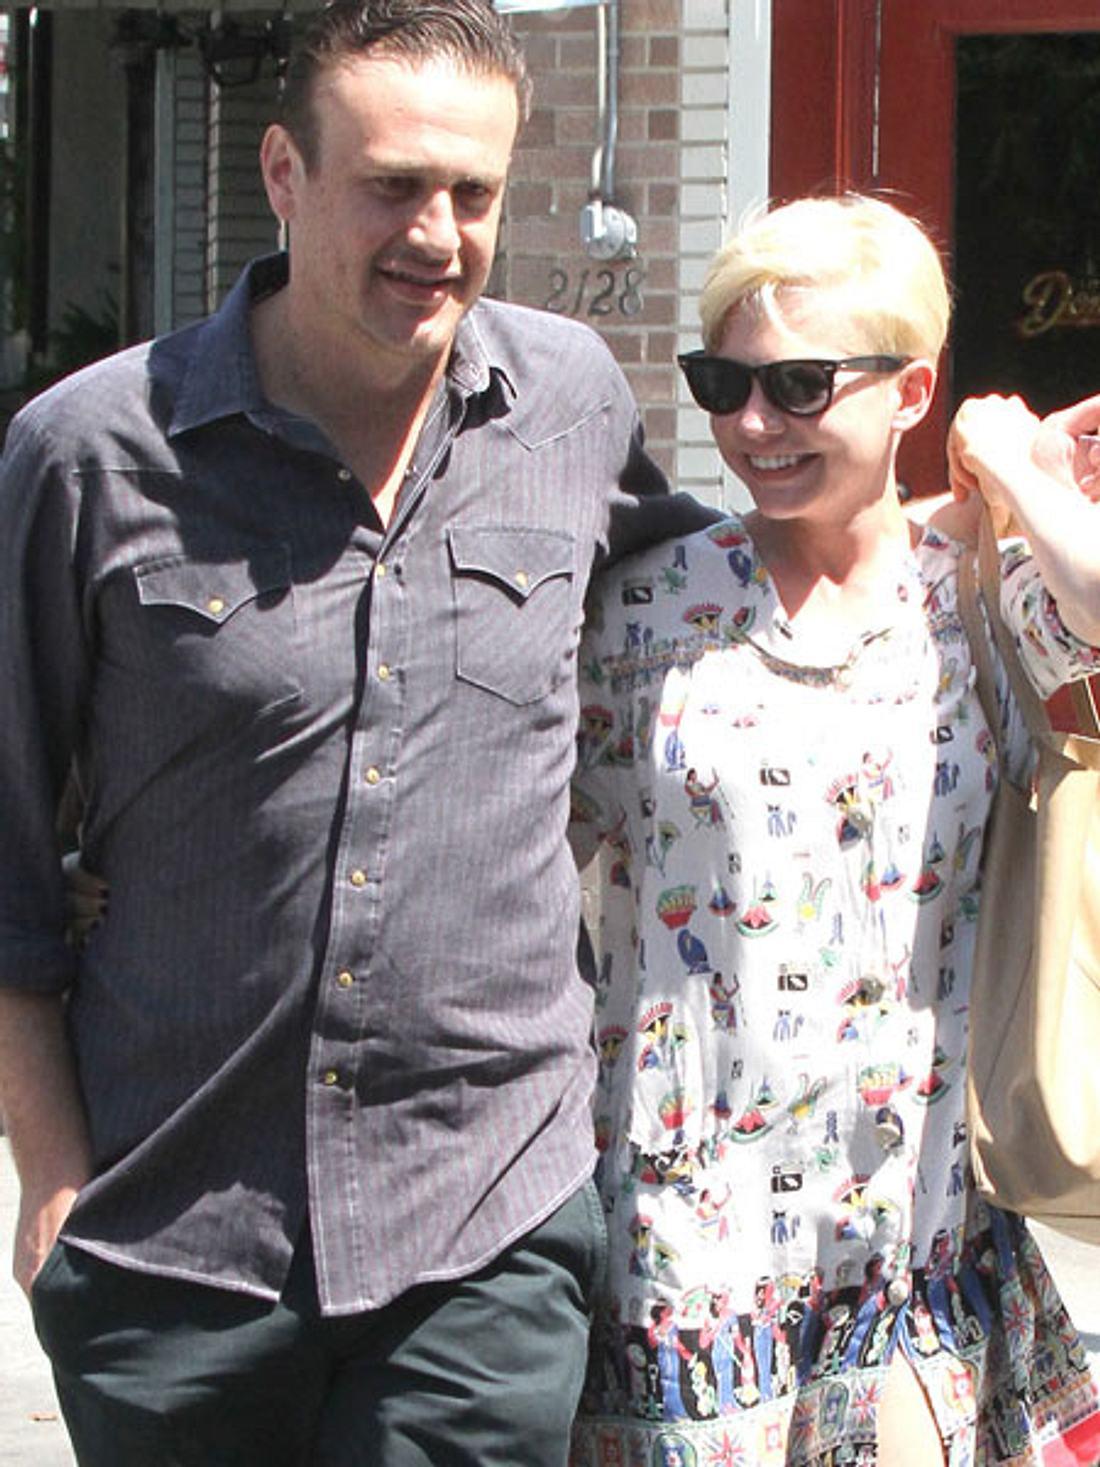 Liebe auf den zweiten Blick: Diese Stars brauchten etwas längerDas neue Hollywood-Traumpaar Michelle Williams (31) und Jason Segel (32) verband jahrelang eine enge Freundschaft. Vor wenigen Monaten ist daraus nun mehr geworden. 1999 hatten